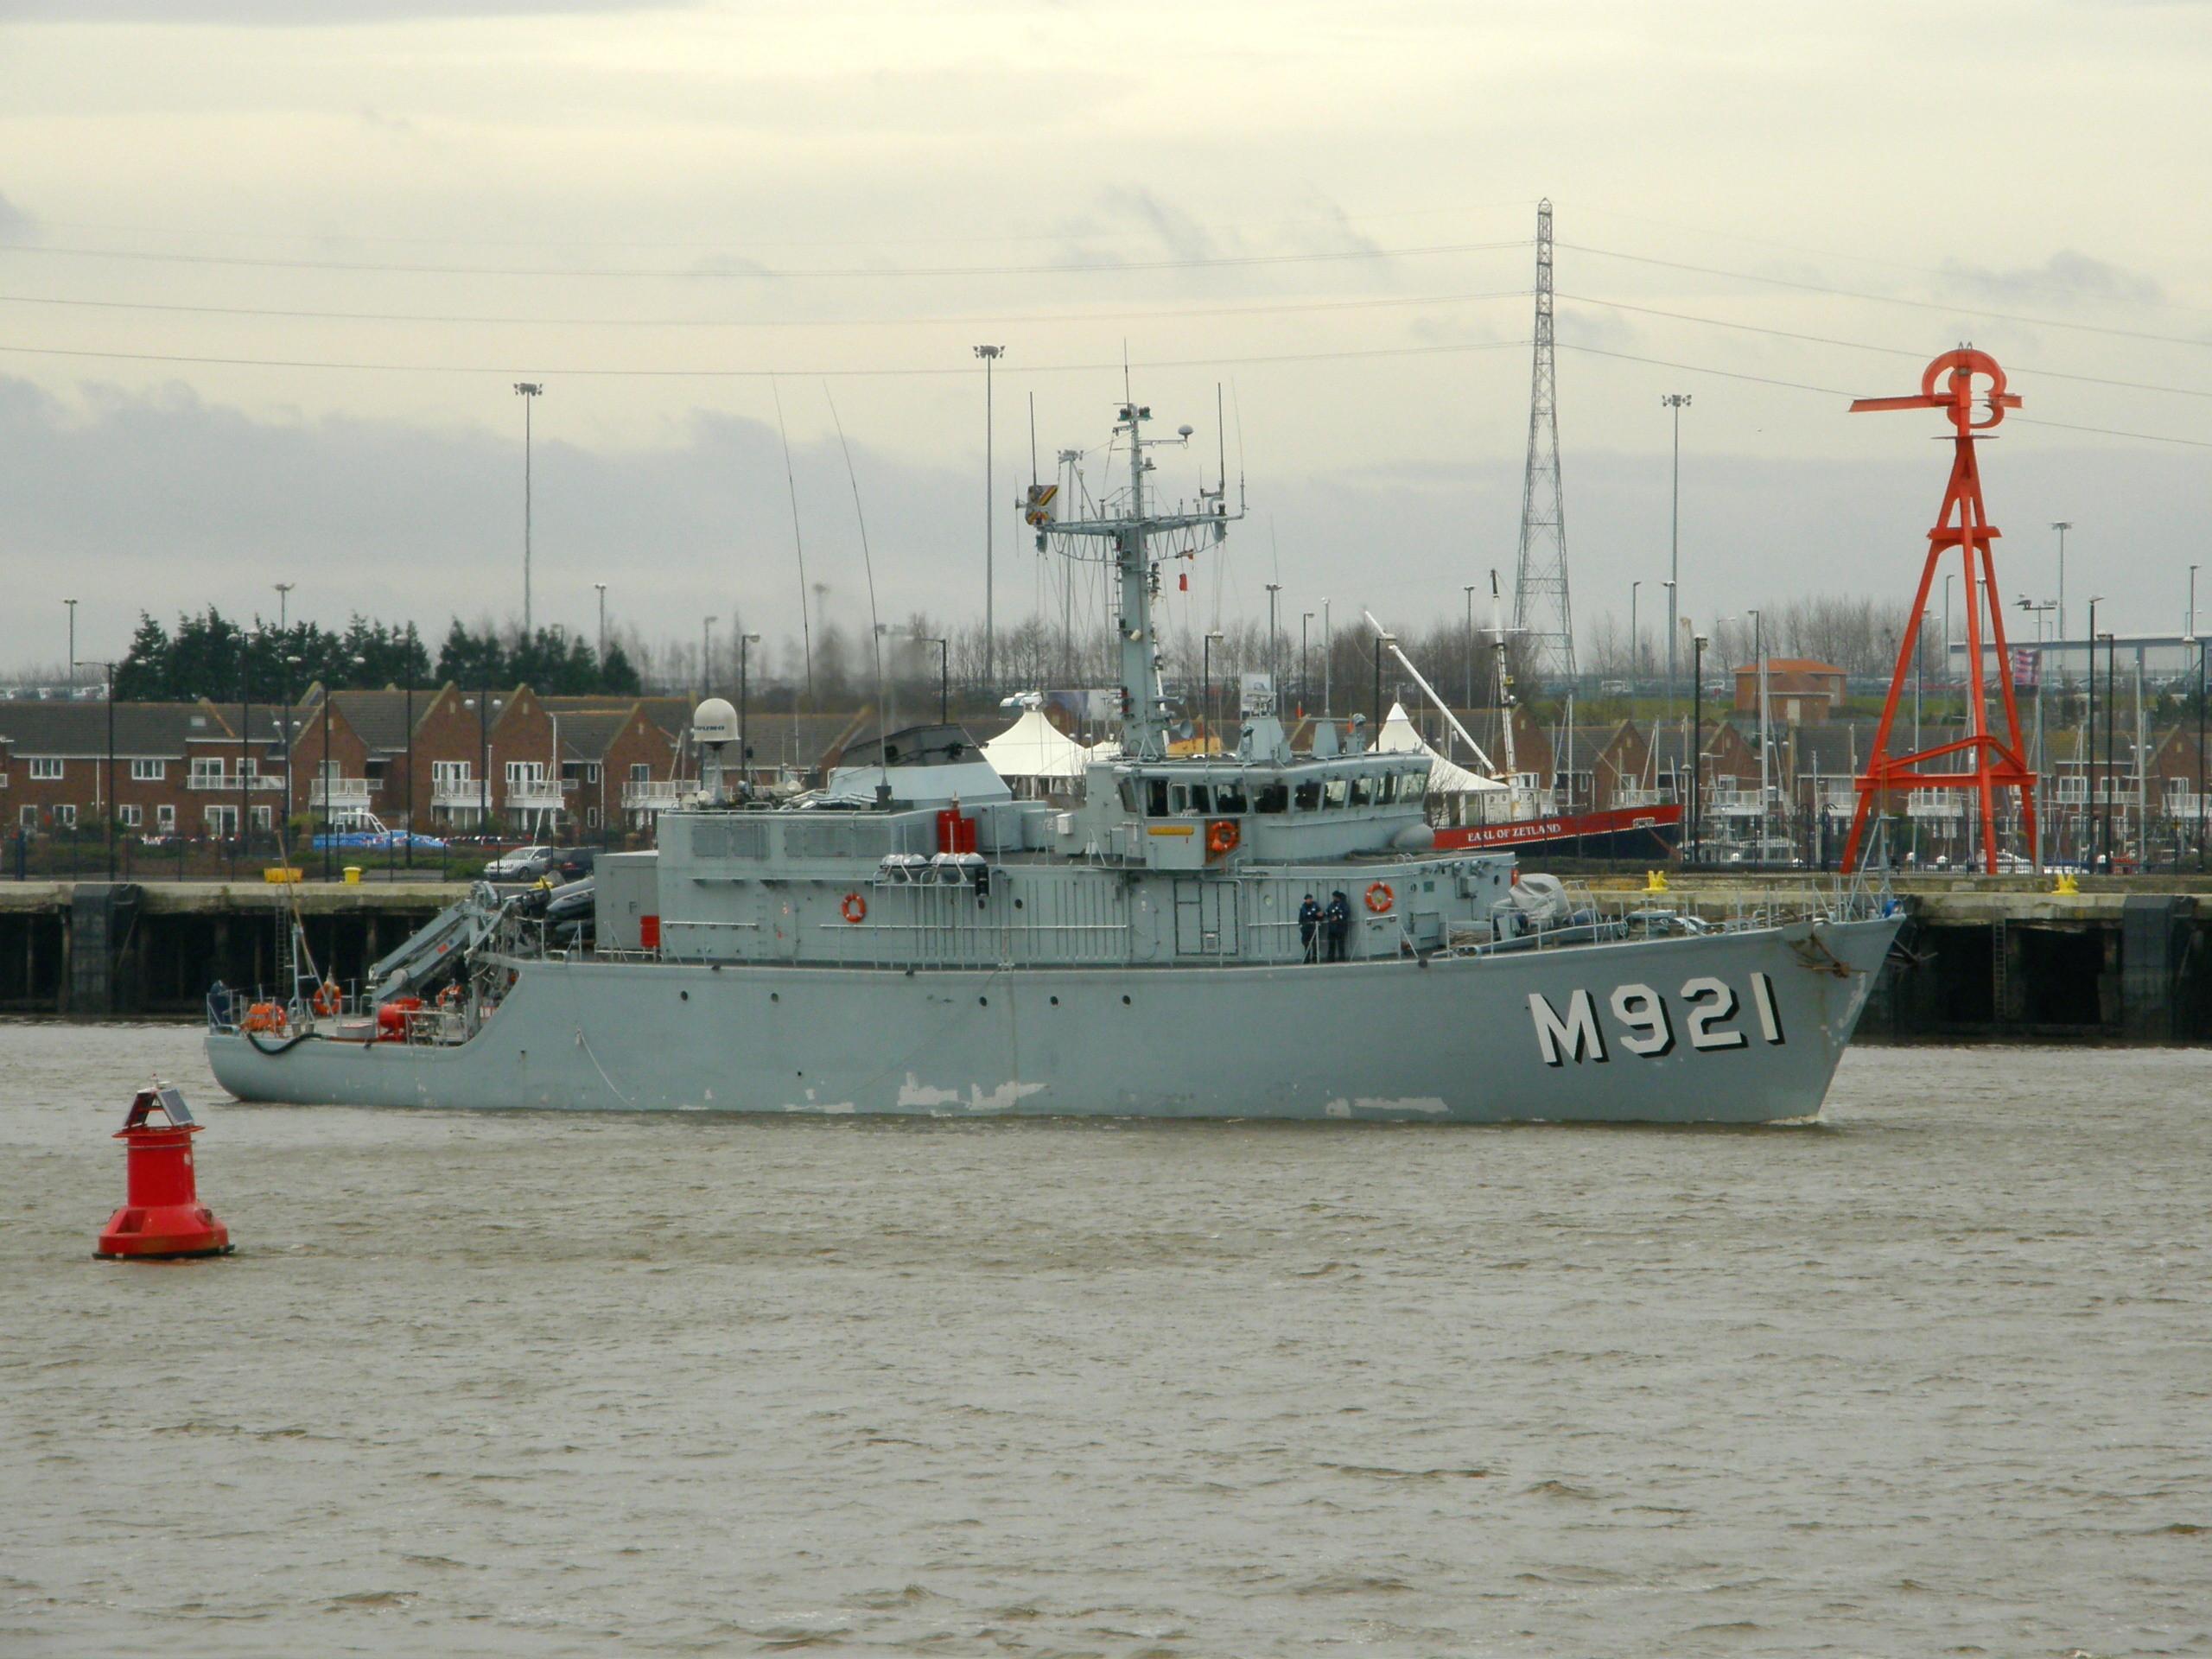 London - M921 Lobelia 834992